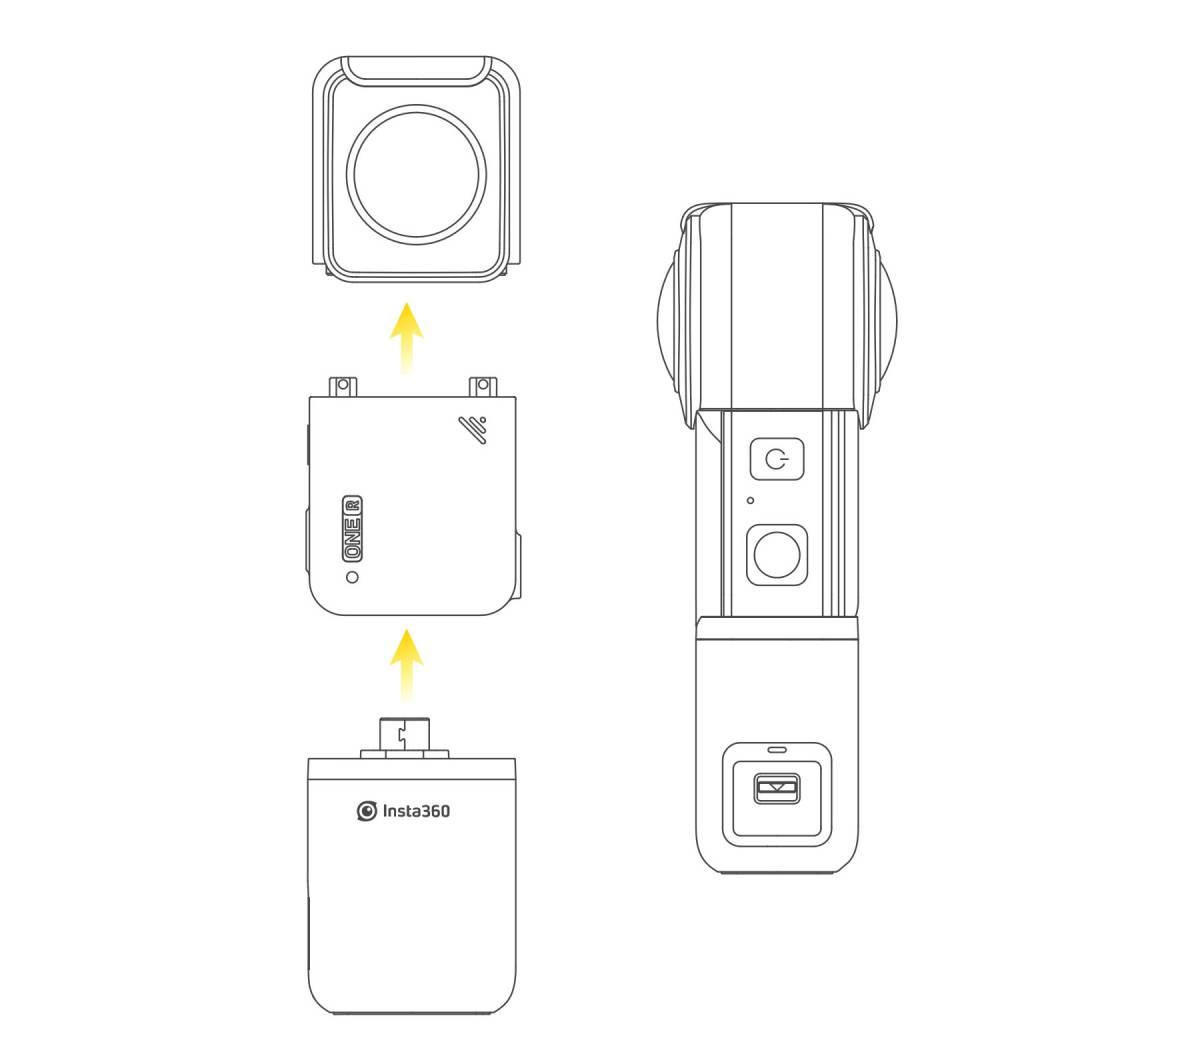 Opis obudowy wodoodpornej dla kamery sportowej.